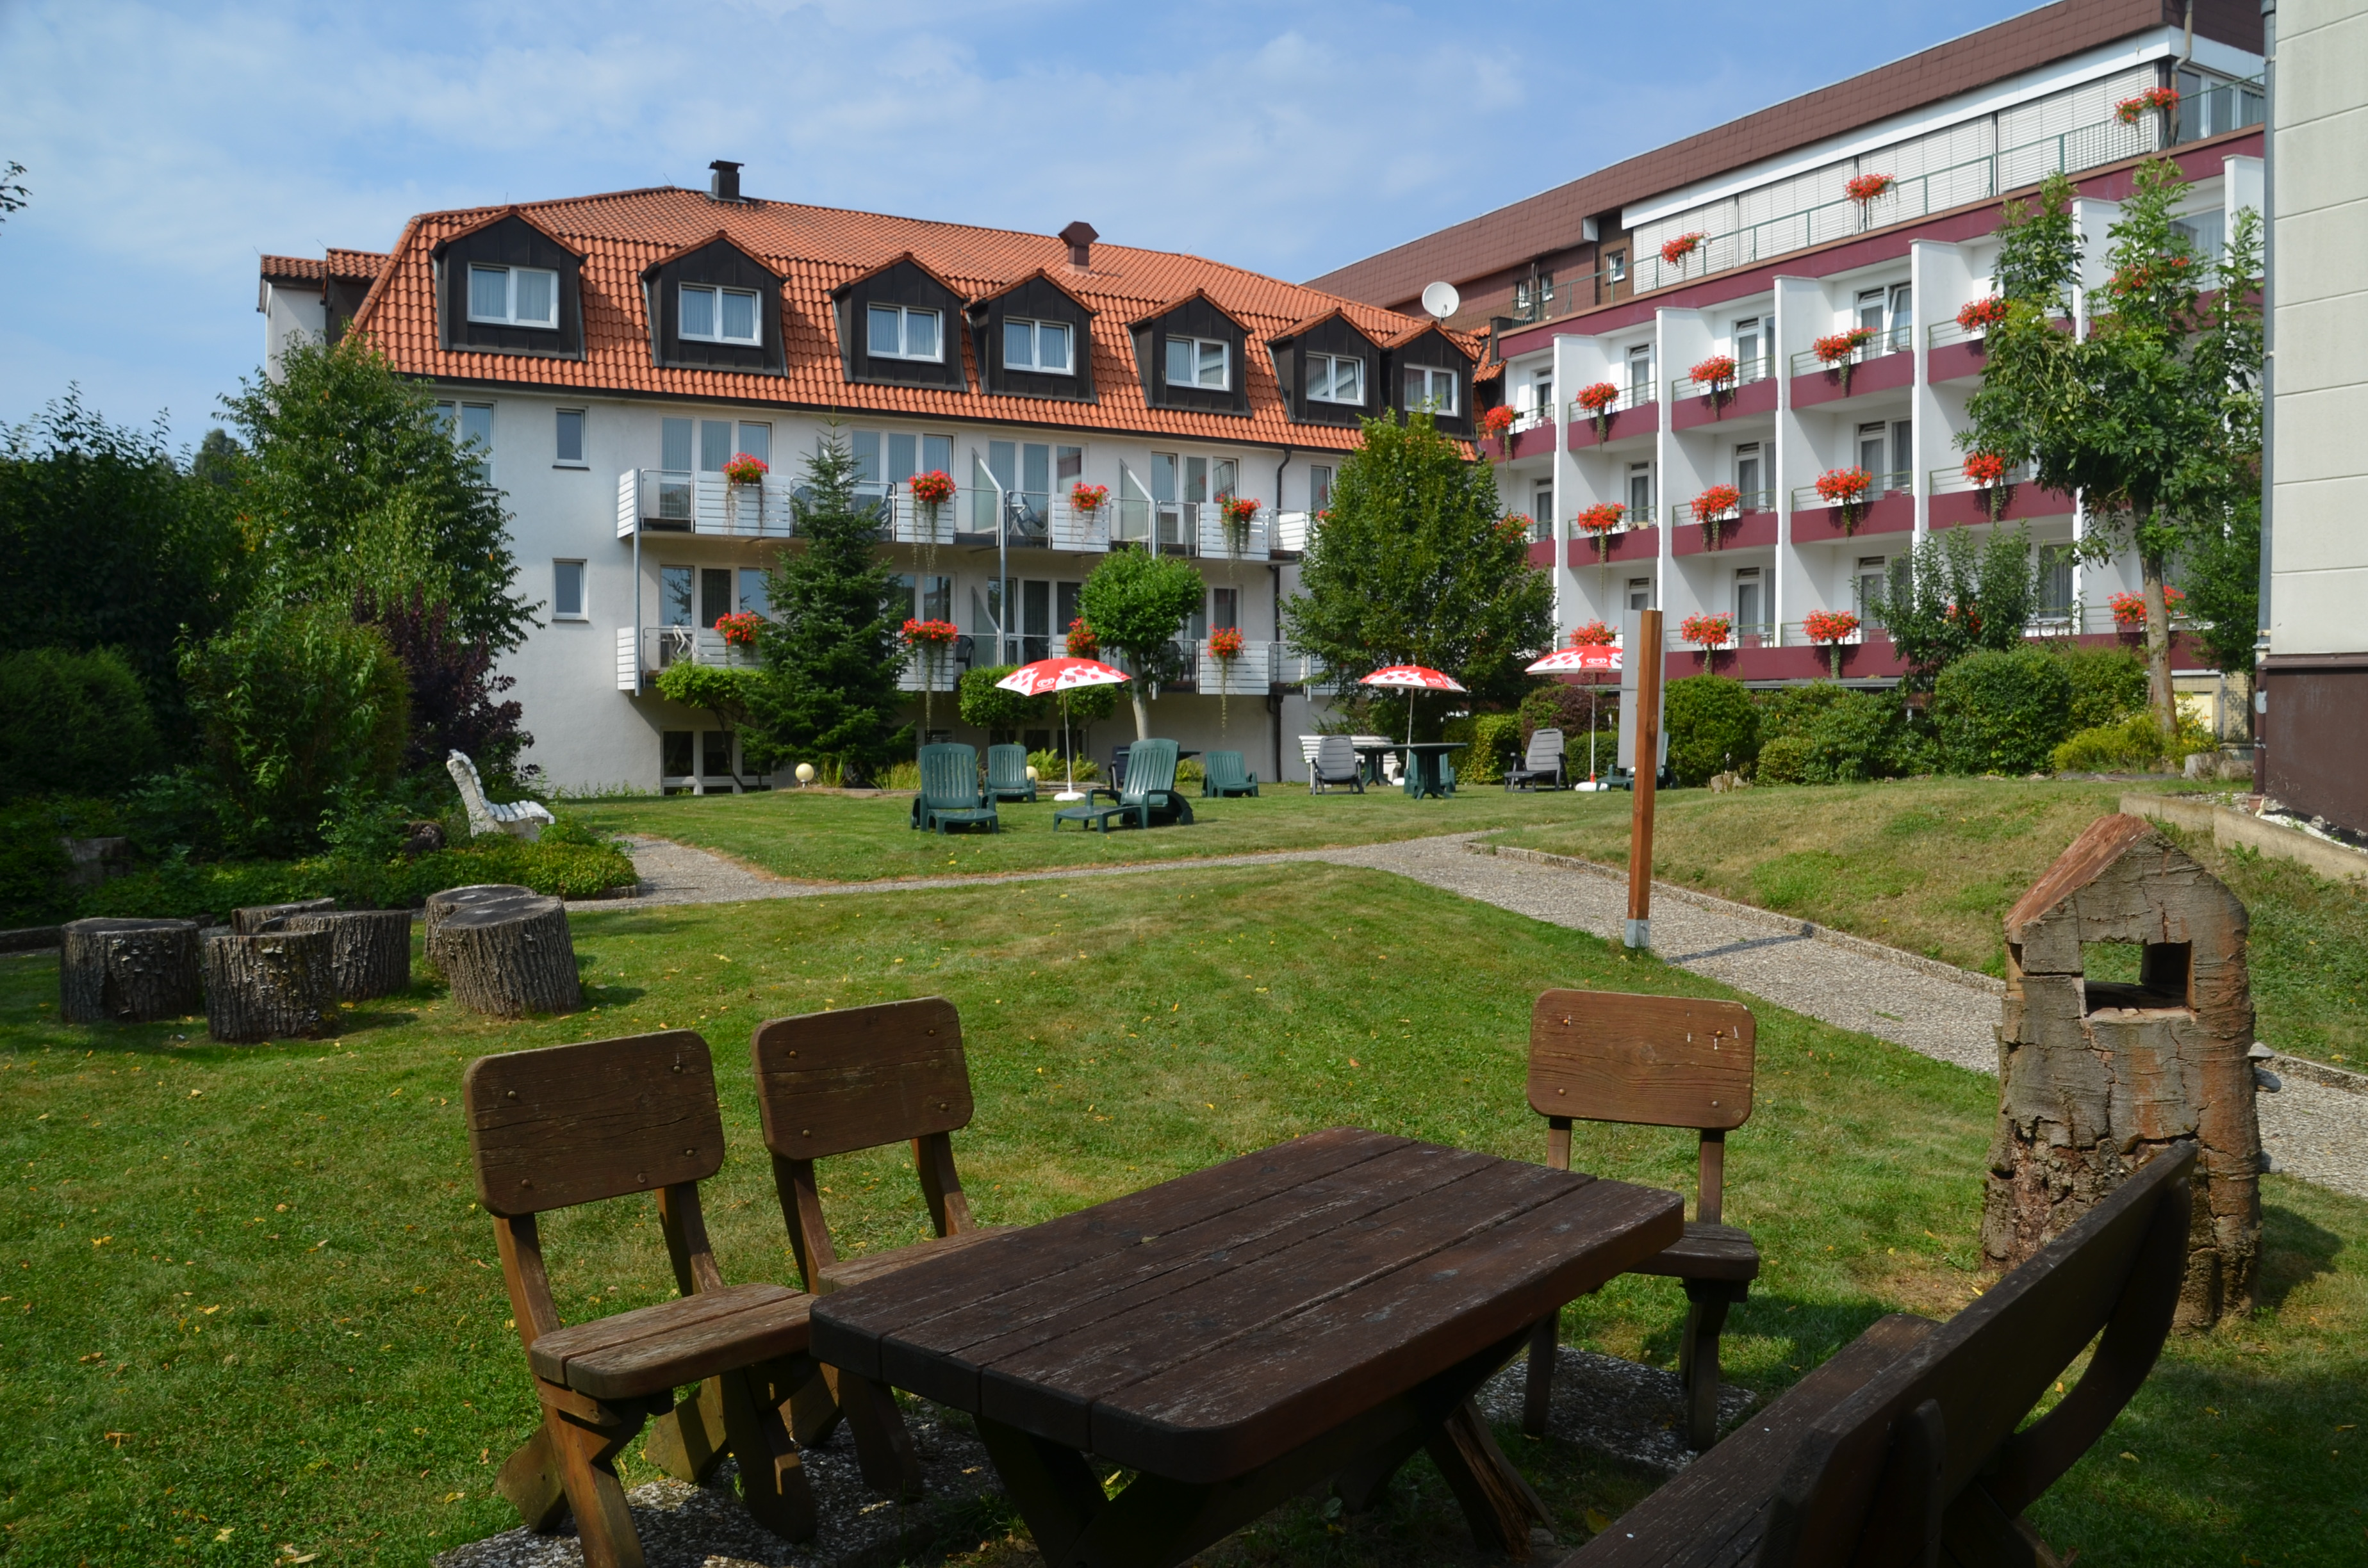 Hotel Heikenberg in Bad Lauterberg - Blick vom Garten